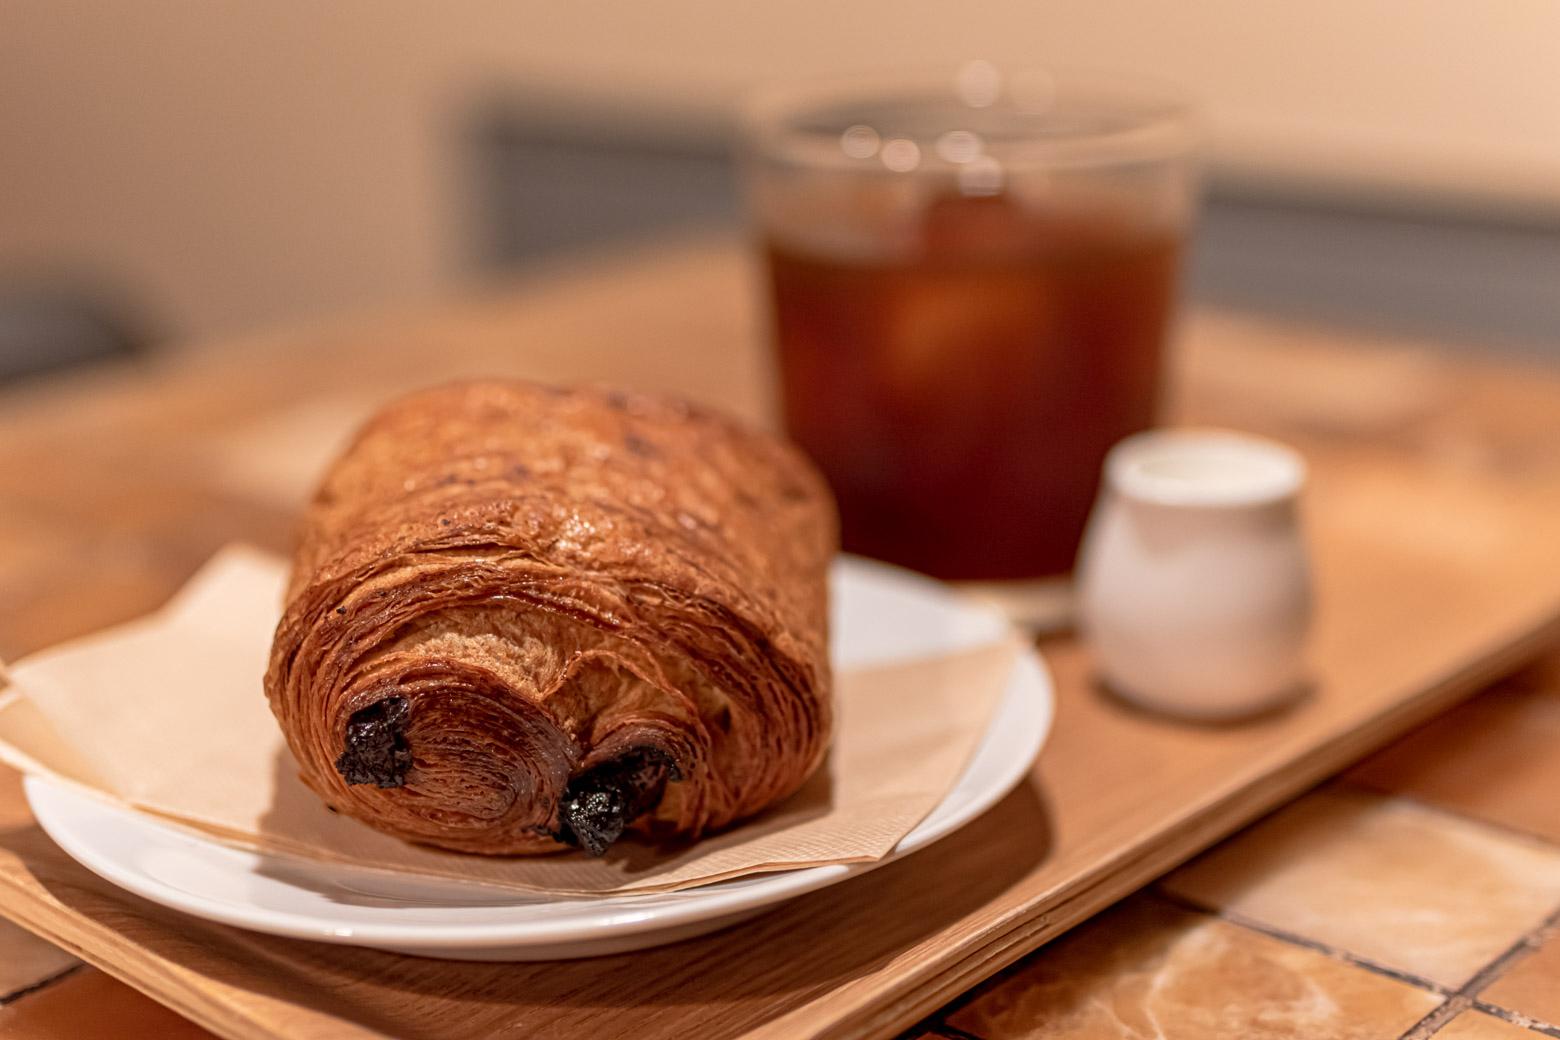 ホテル周辺だけでなく、地下にあるラウンジスペースではパンやコーヒーなども提供されています。毎朝、違うメニューを頼む楽しみがありますね。